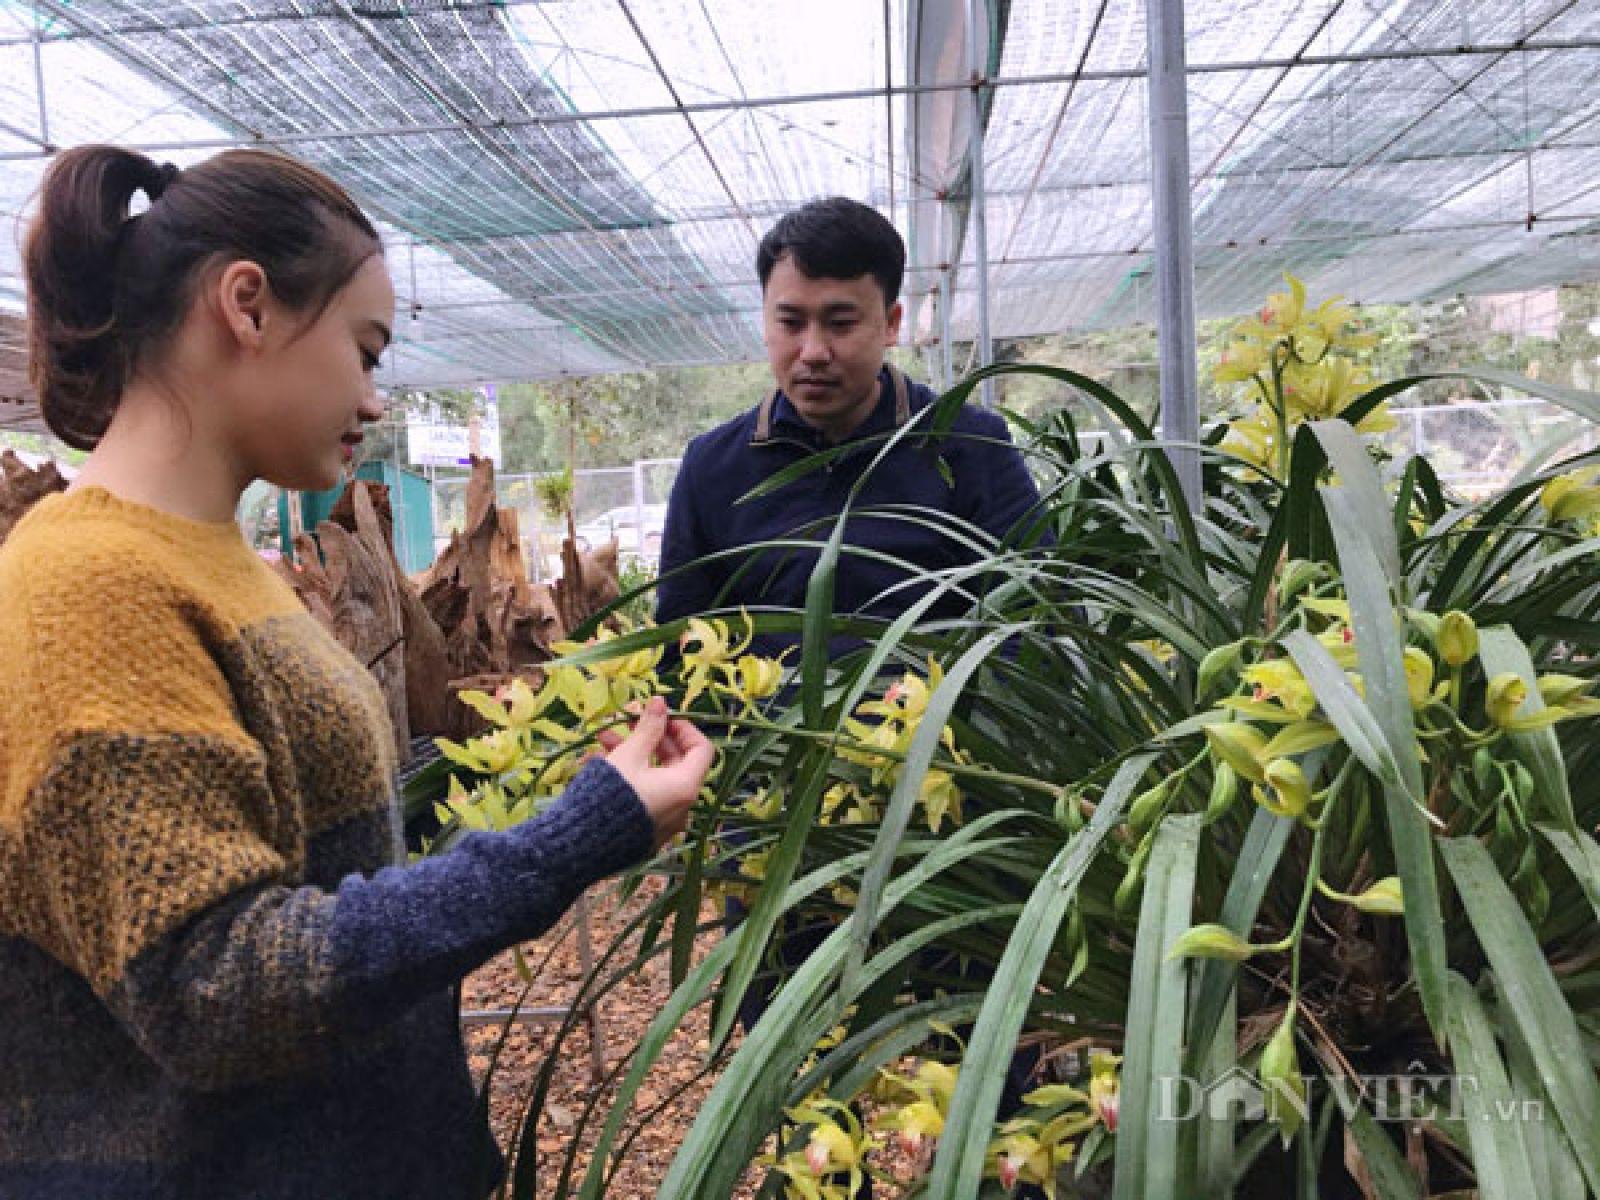 Chị Huệ Anh (vợ anh Thắng) giới thiệu, tư vấn về các loại hoa cho khách hàng đến xem tại vườn.